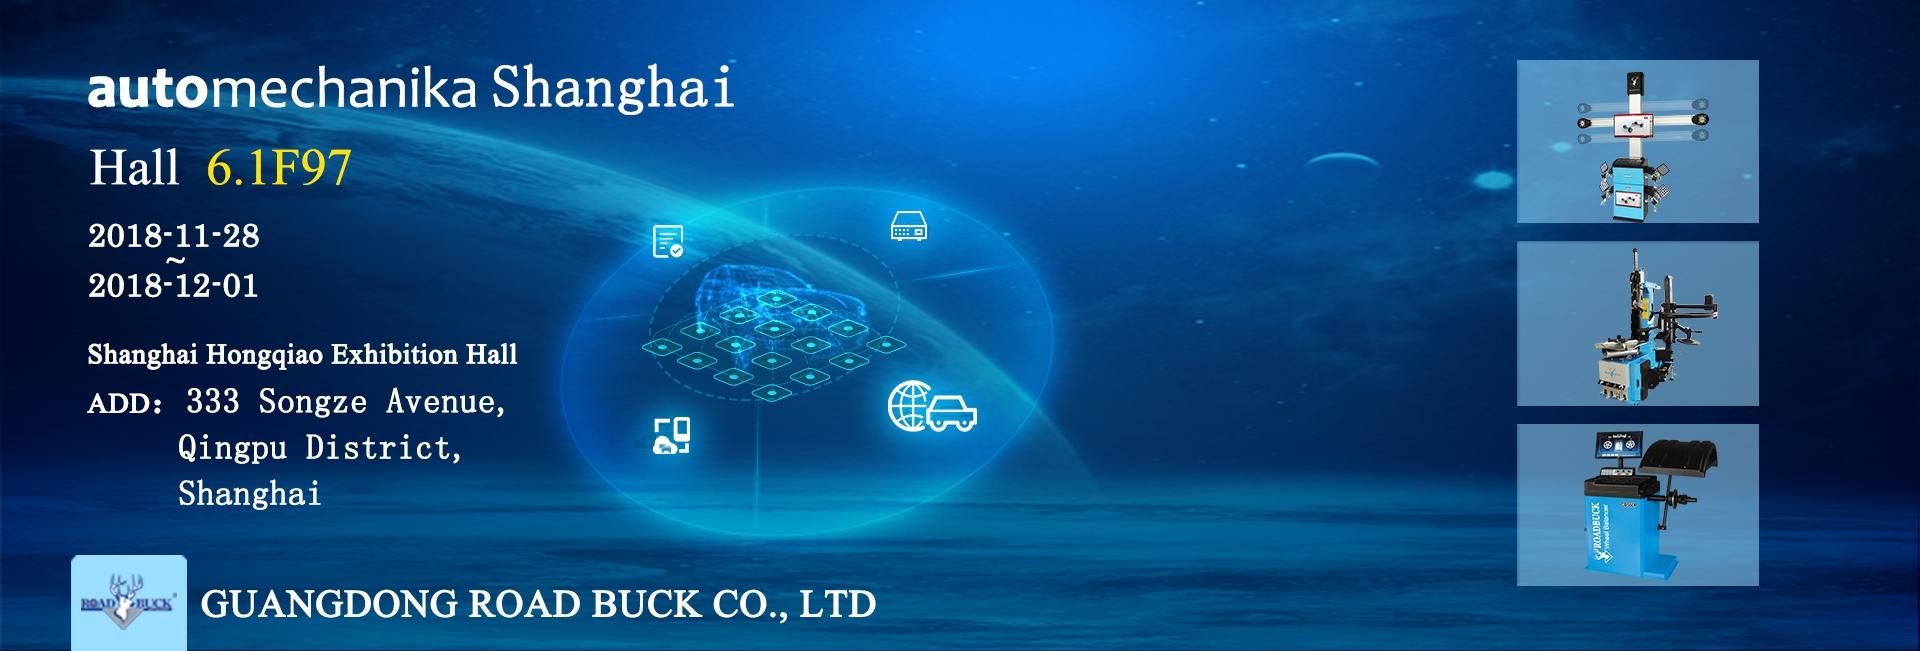 roadbuck (@chudandan) Cover Image